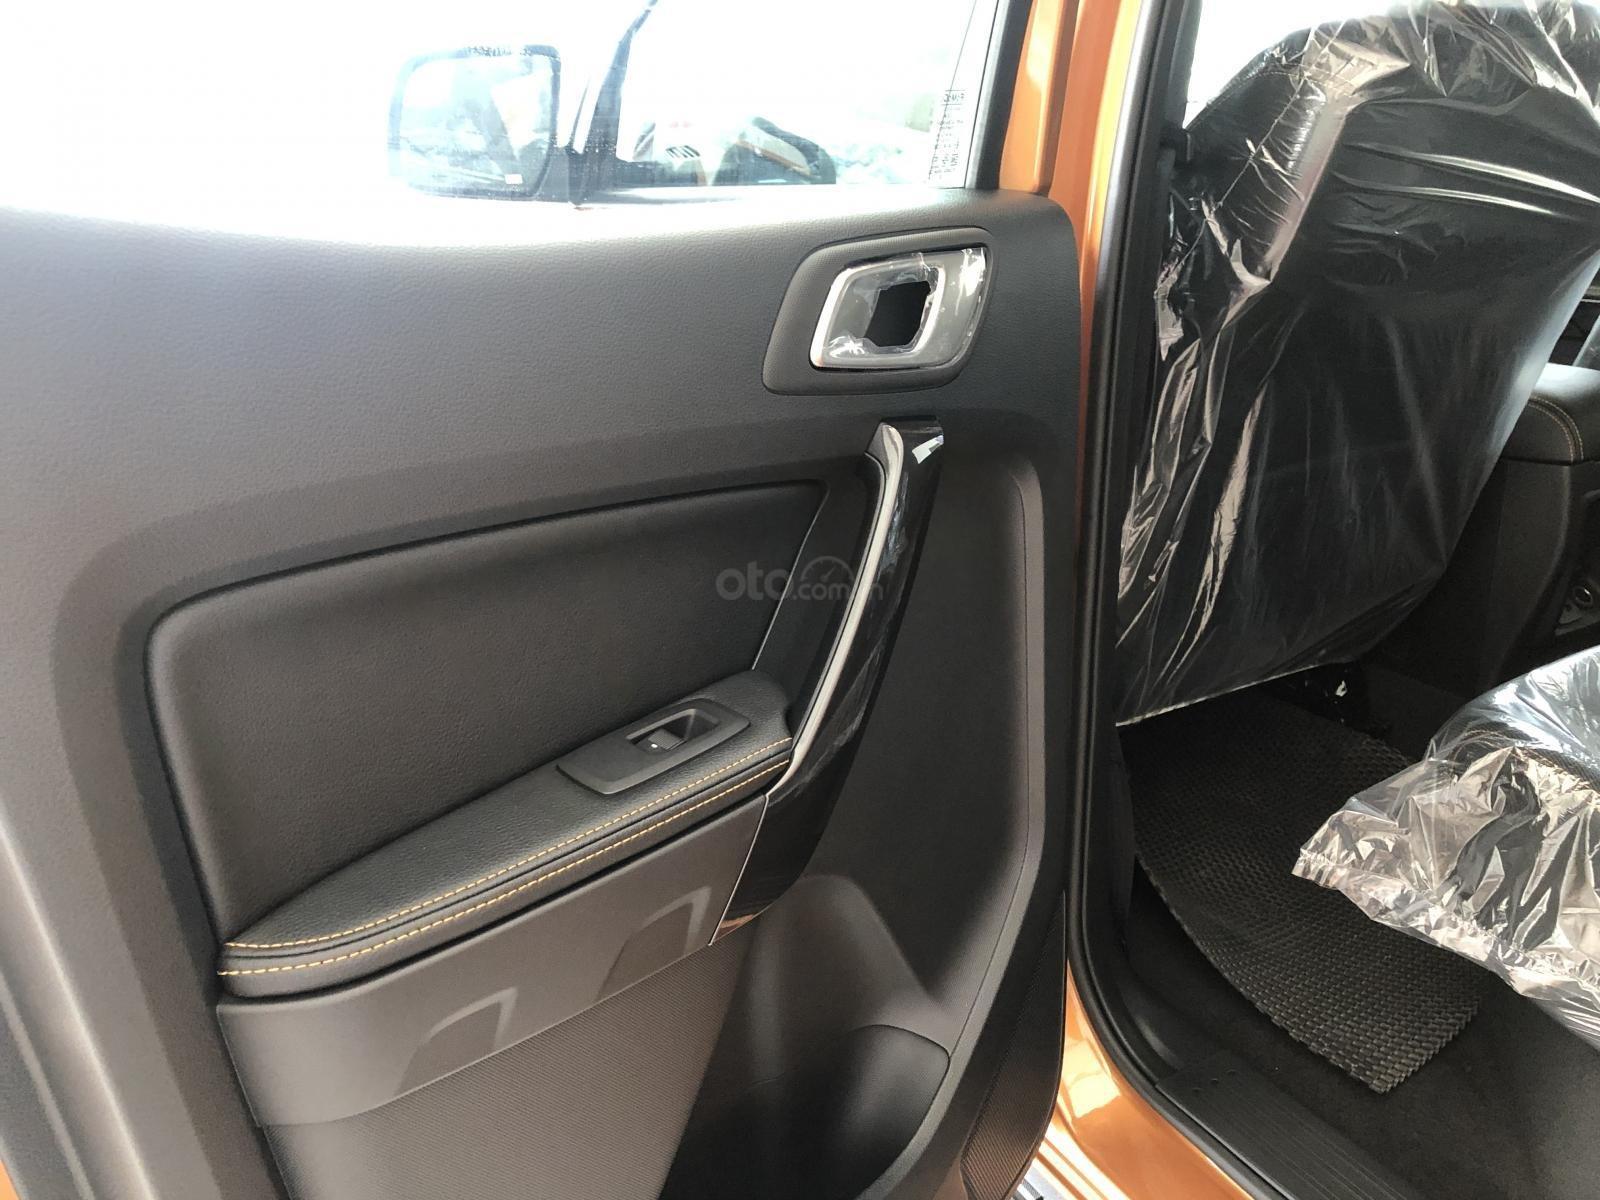 Bán Ford Ranger Wildtrak 4x4 2020, giảm 70 triệu tặng thêm gói phụ kiện hấp dẫn (8)